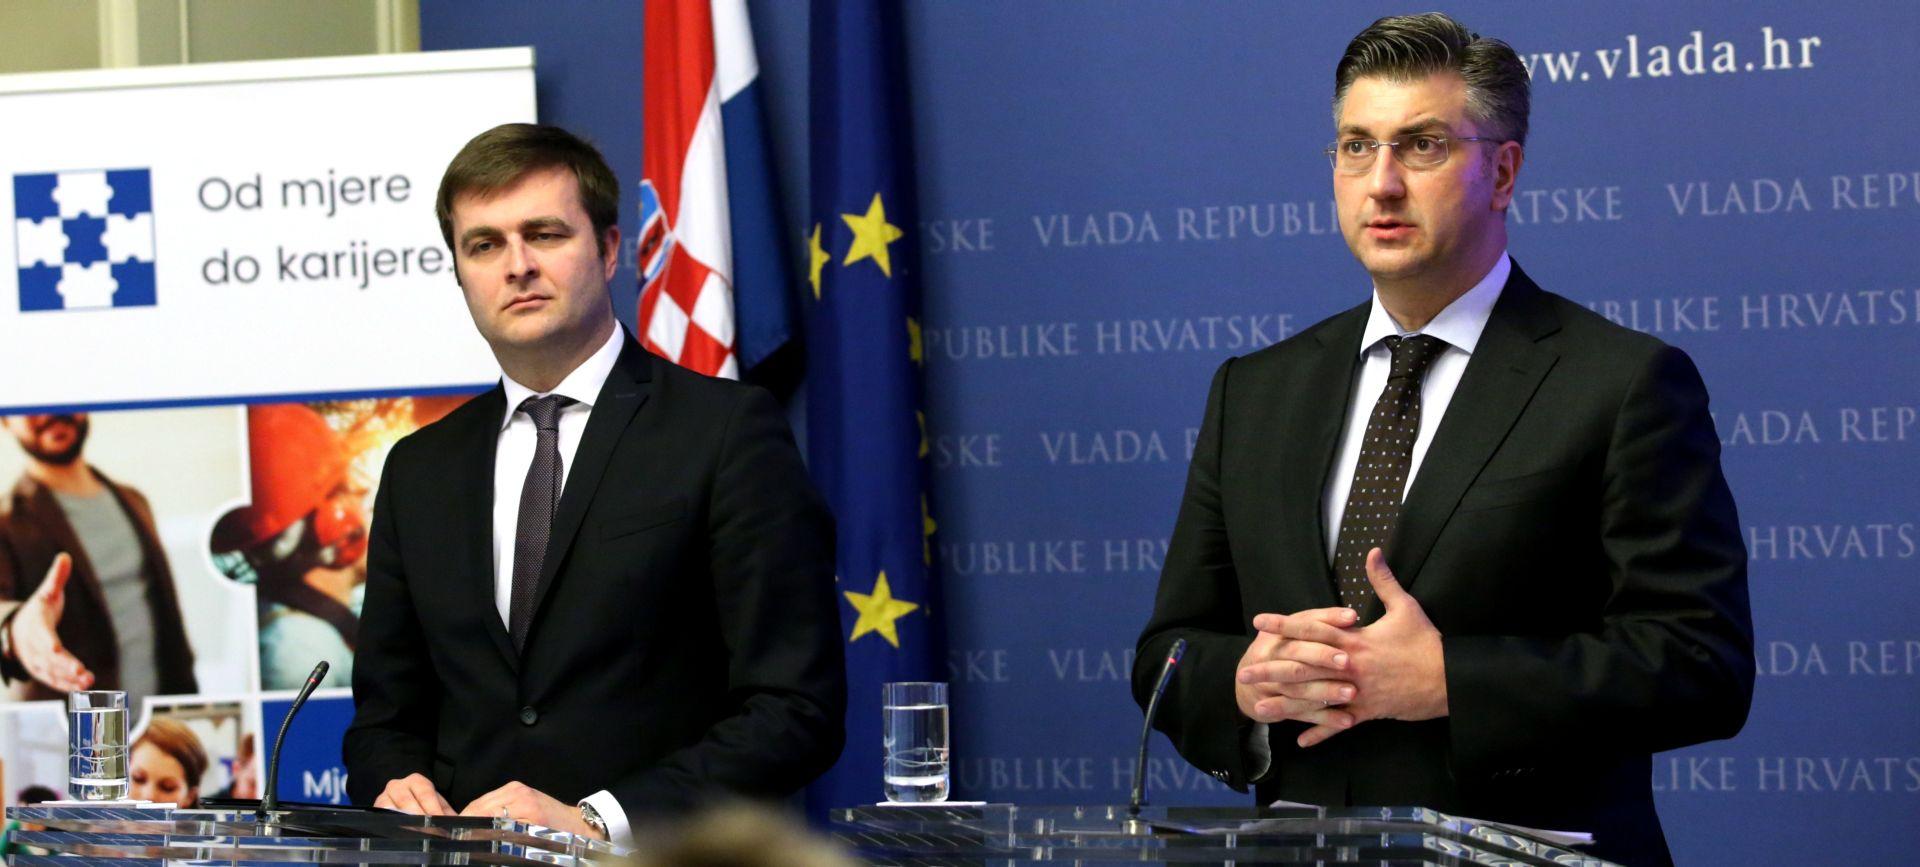 VIDEO: Plenković i Ćorić predstavili mjere za zapošljavanje